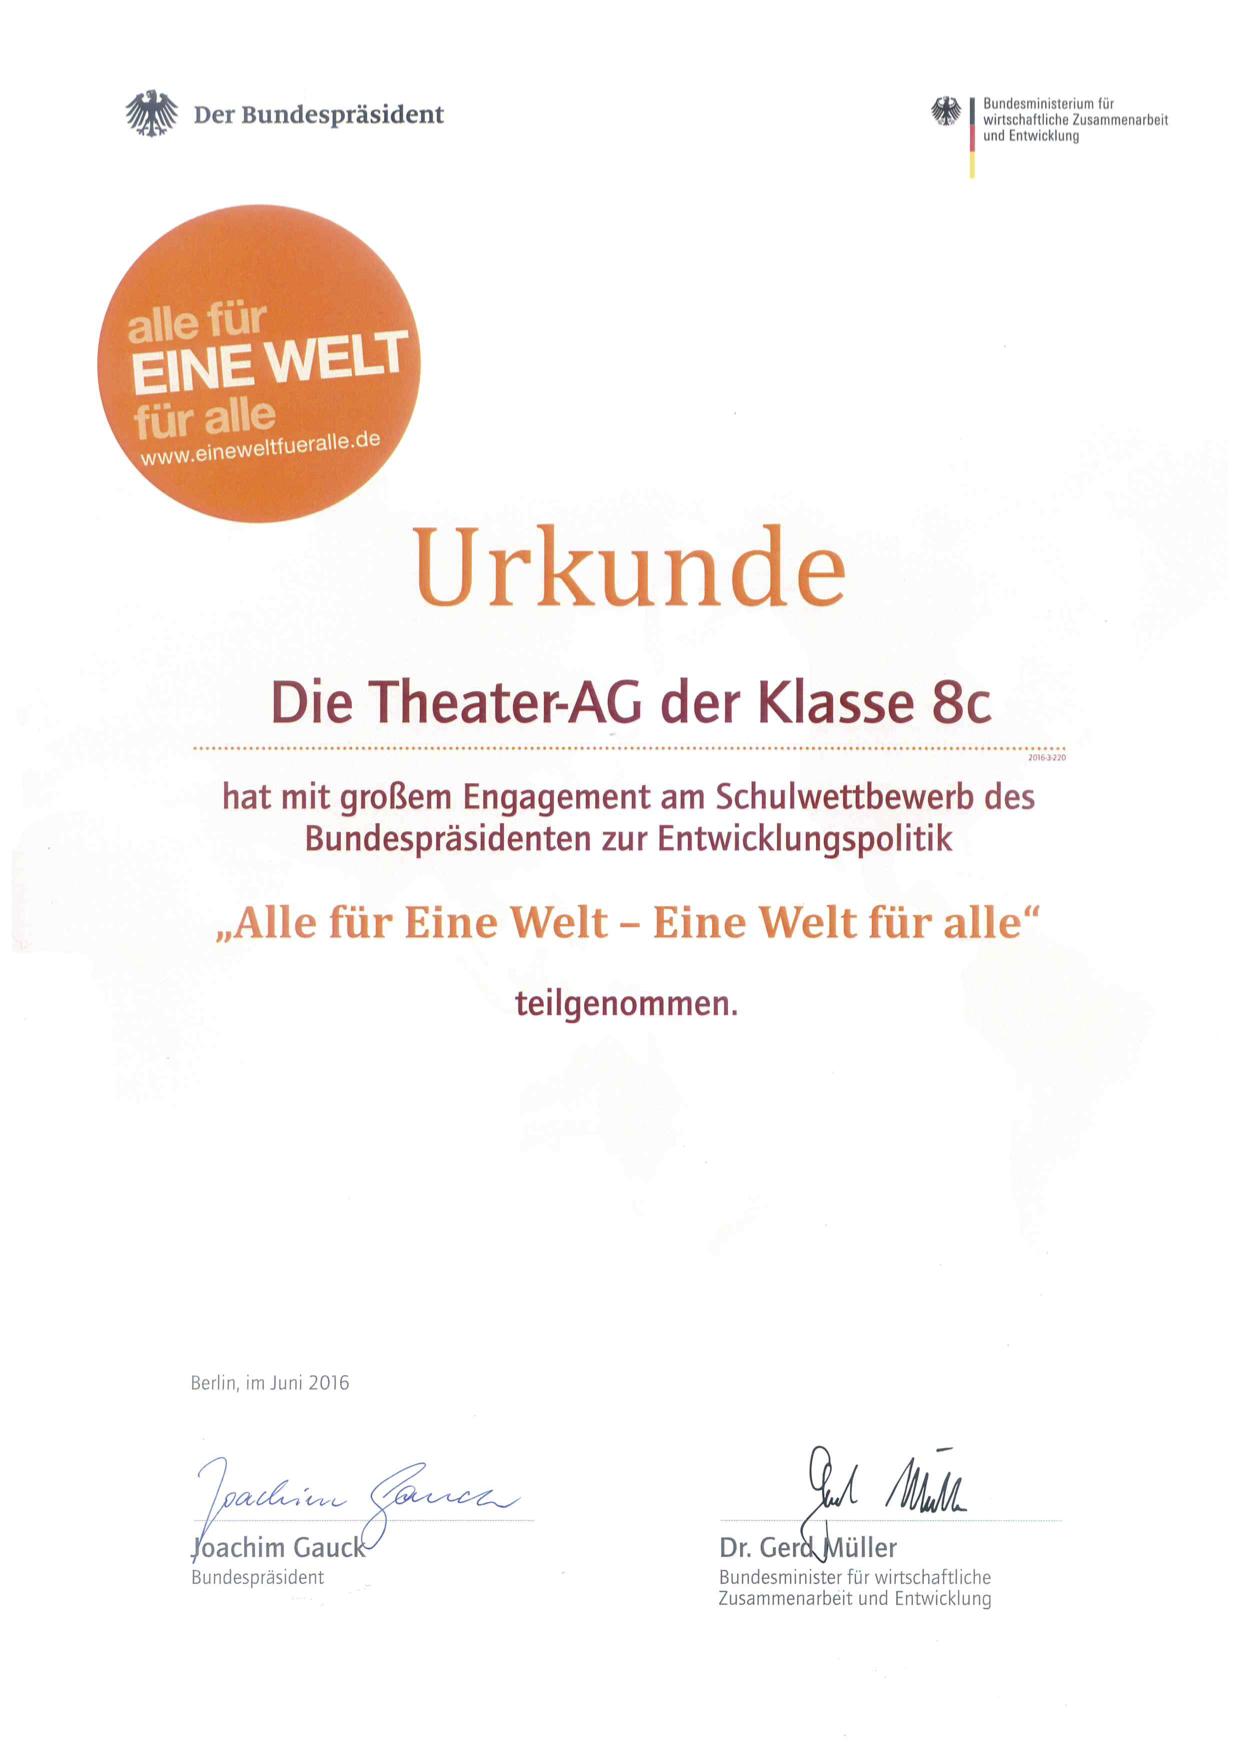 kleineberg_2016-08-12_09-16-45